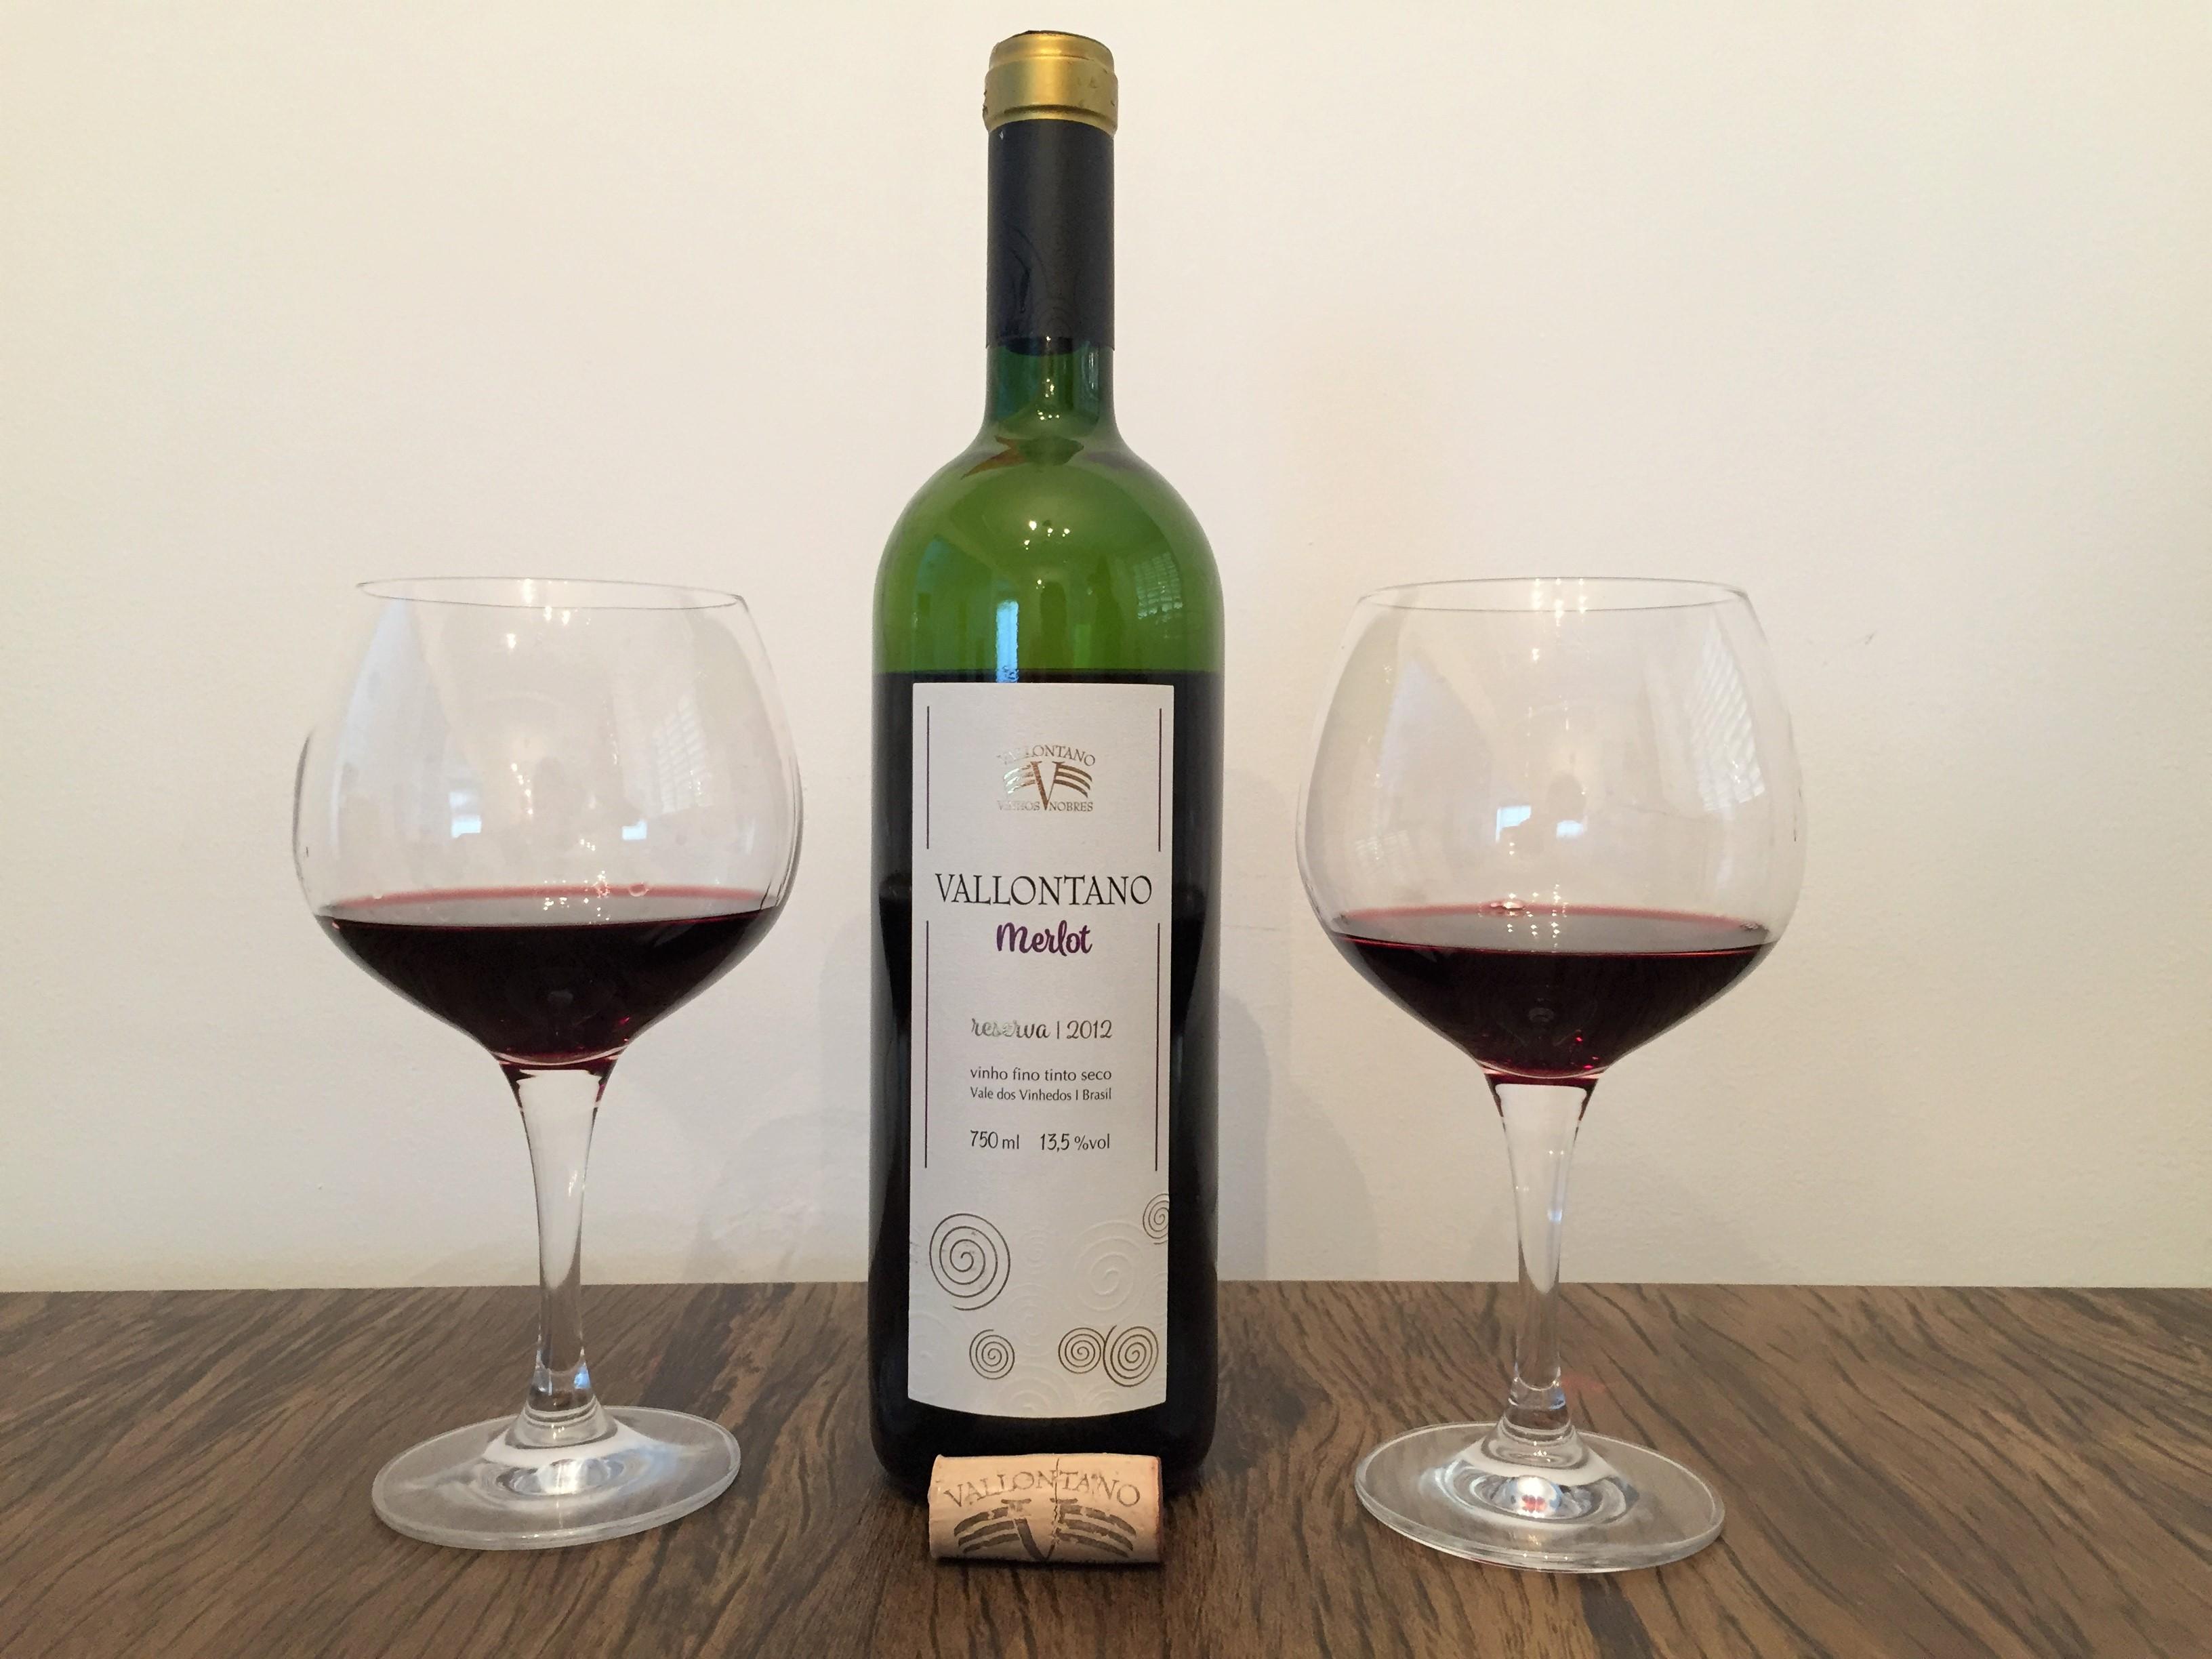 Vinho Tinto Vallontano Merlot Reserva